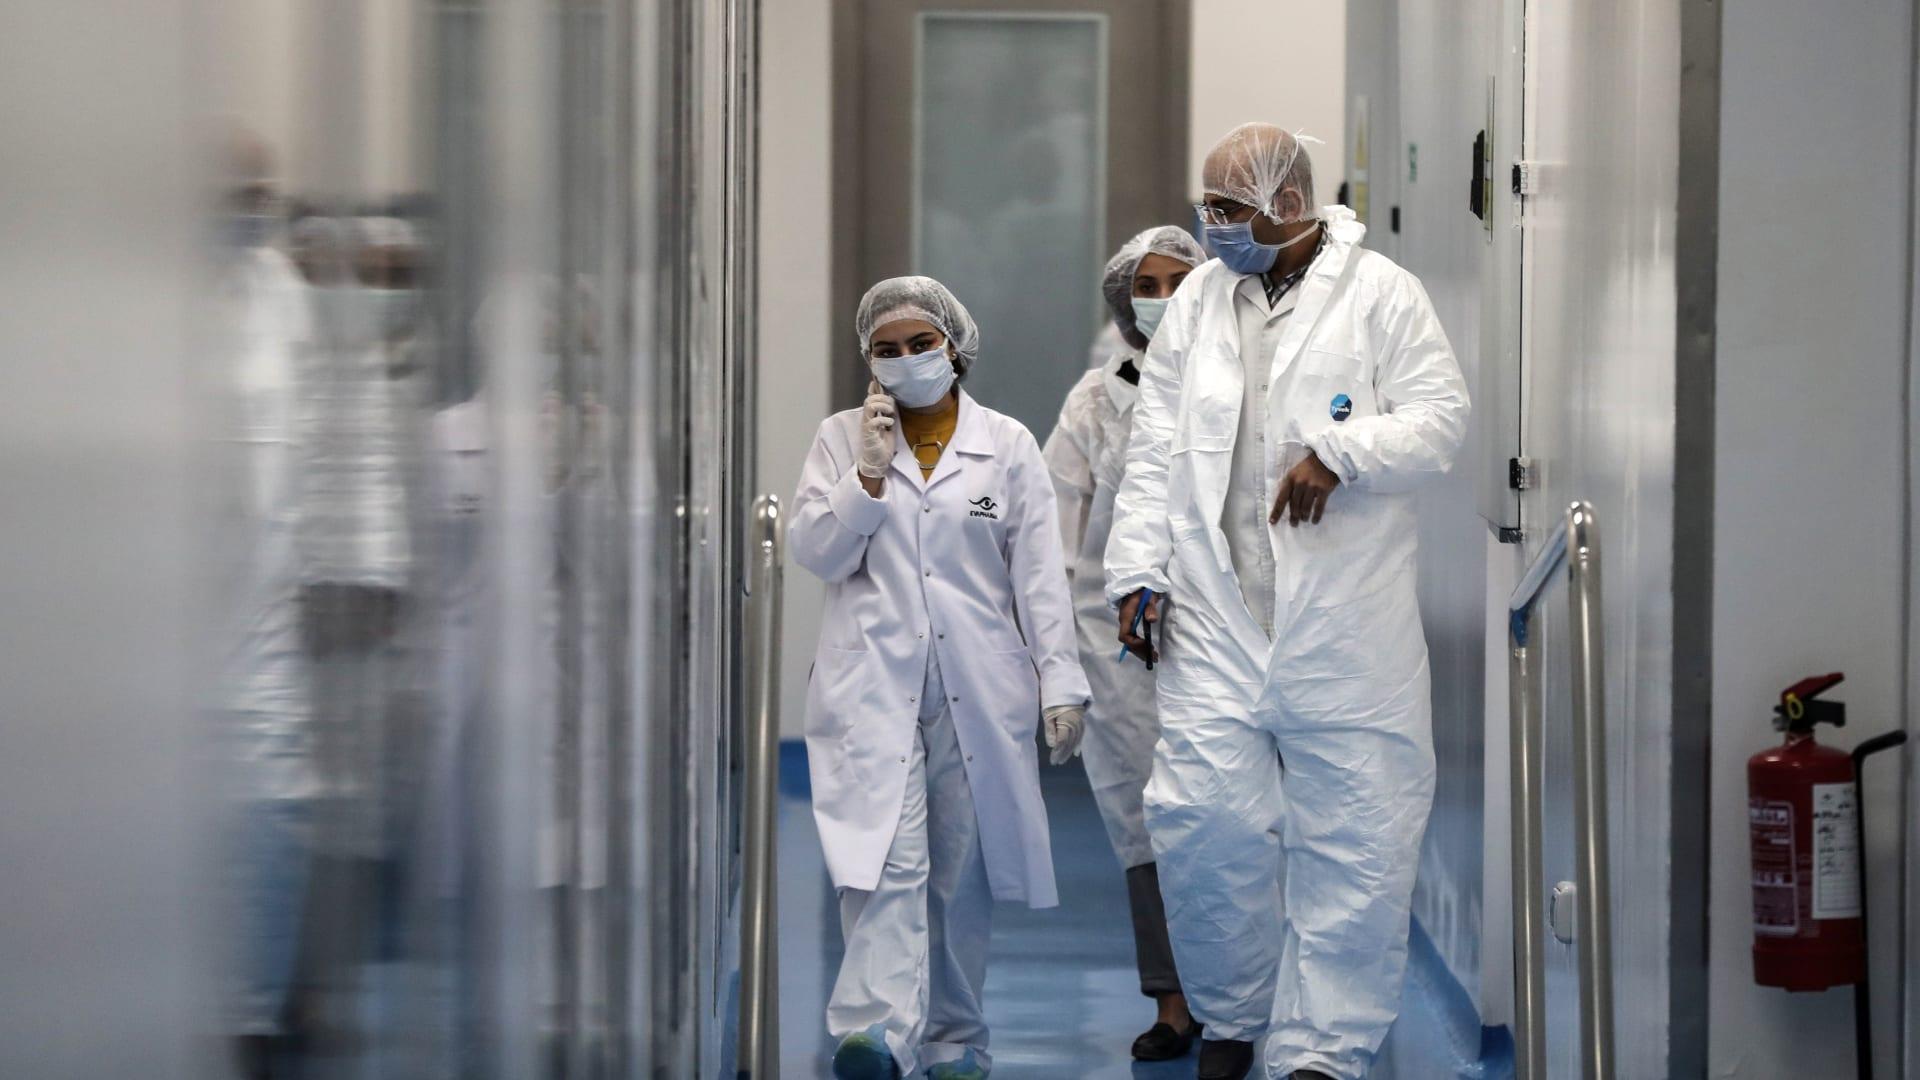 ستوفره مجانًا.. مصر تتلقى أول دفعة من لقاح فيروس كورونا